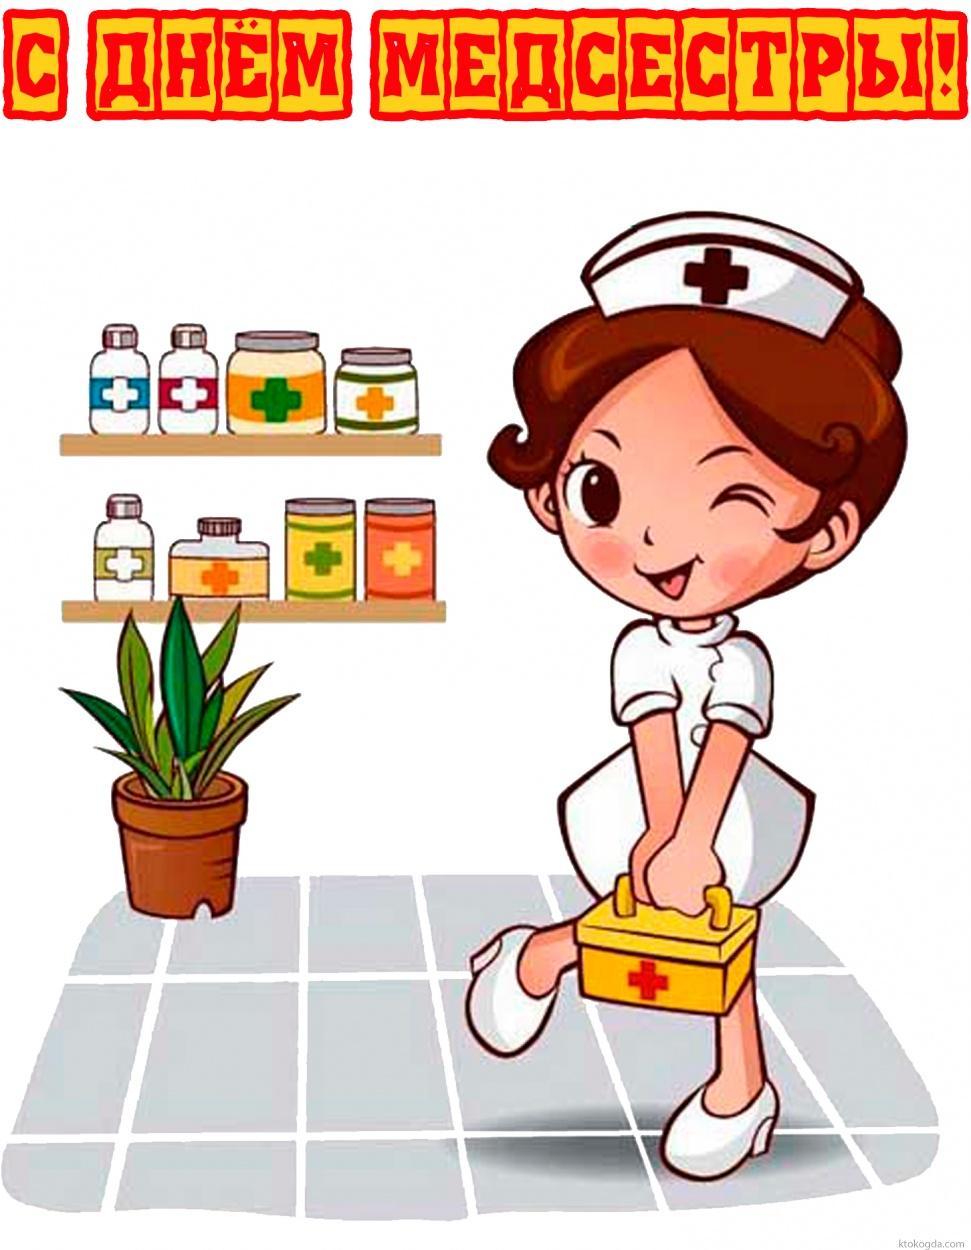 Поздравления с днем медсестры поликлиники